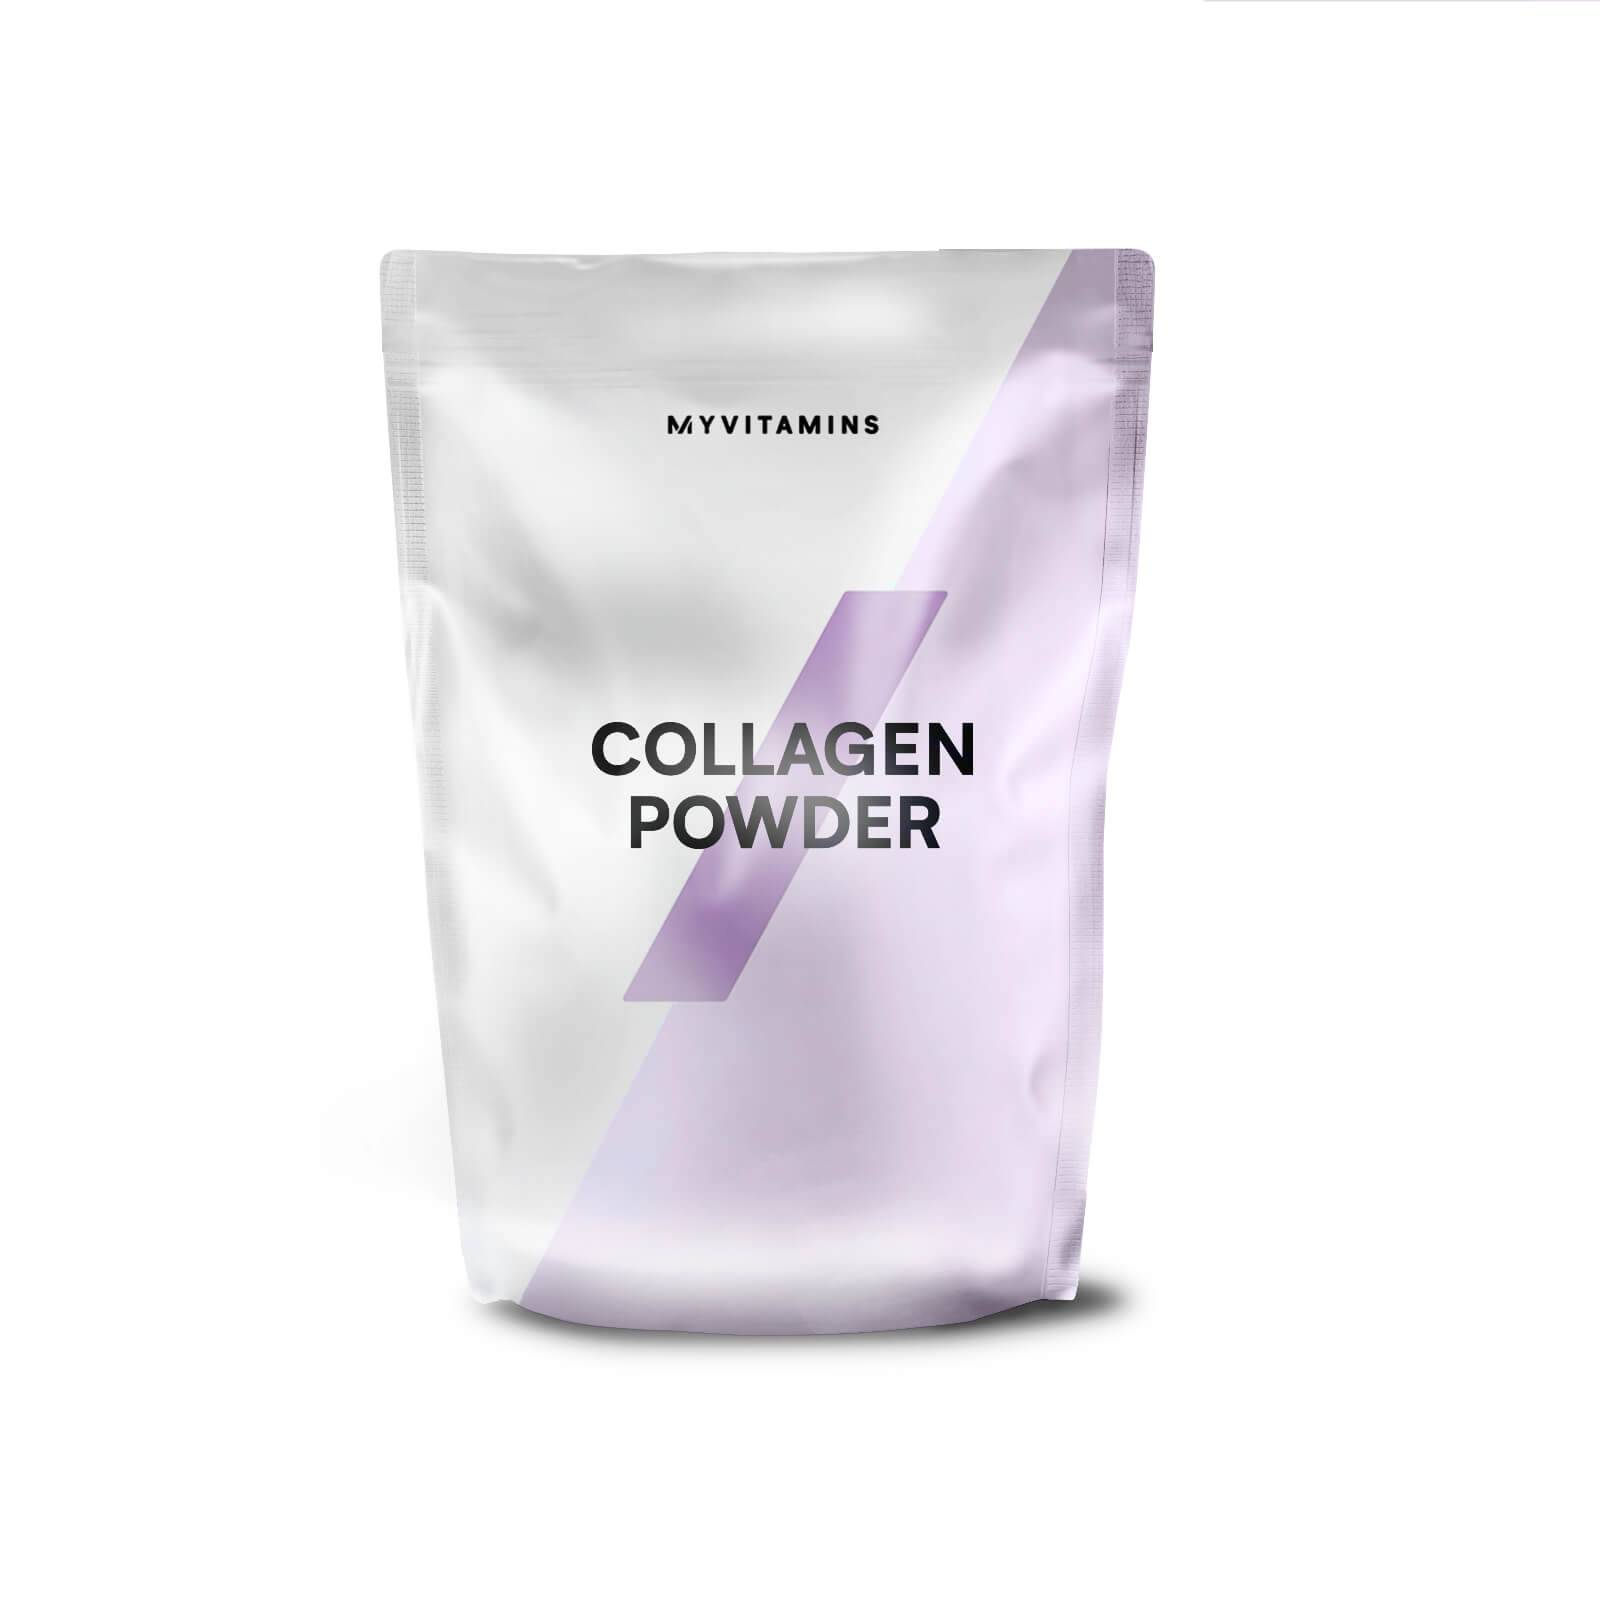 Myvitamins Poudre de collagène - 250g - Sans arôme ajouté